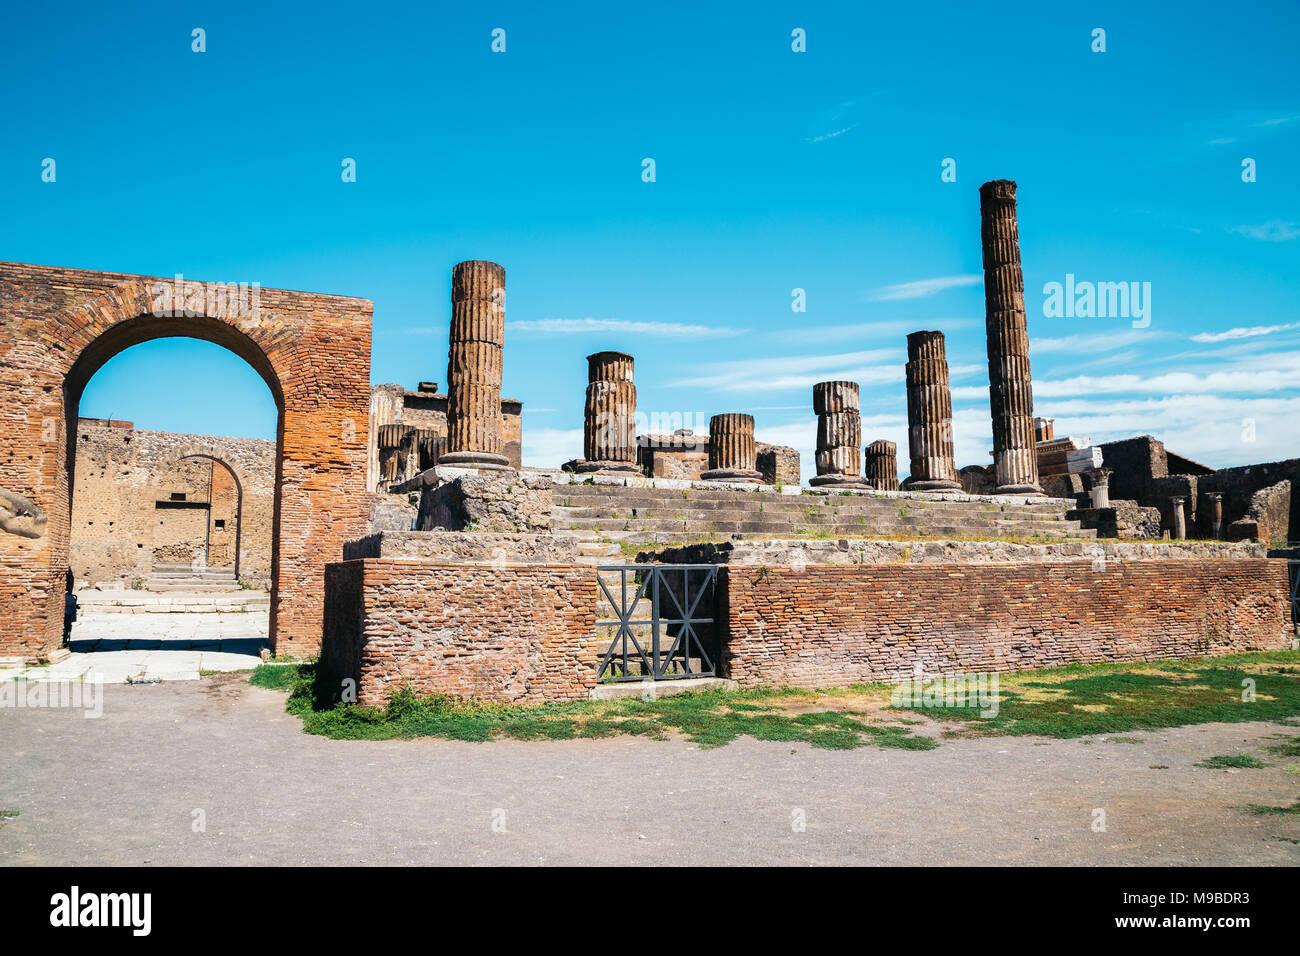 Ruinen von Pompeji. Pompeji ist eine alte Römische Stadt starben von den Ausbruch des Vesuv im Jahr 79 N.CHR. Stockbild